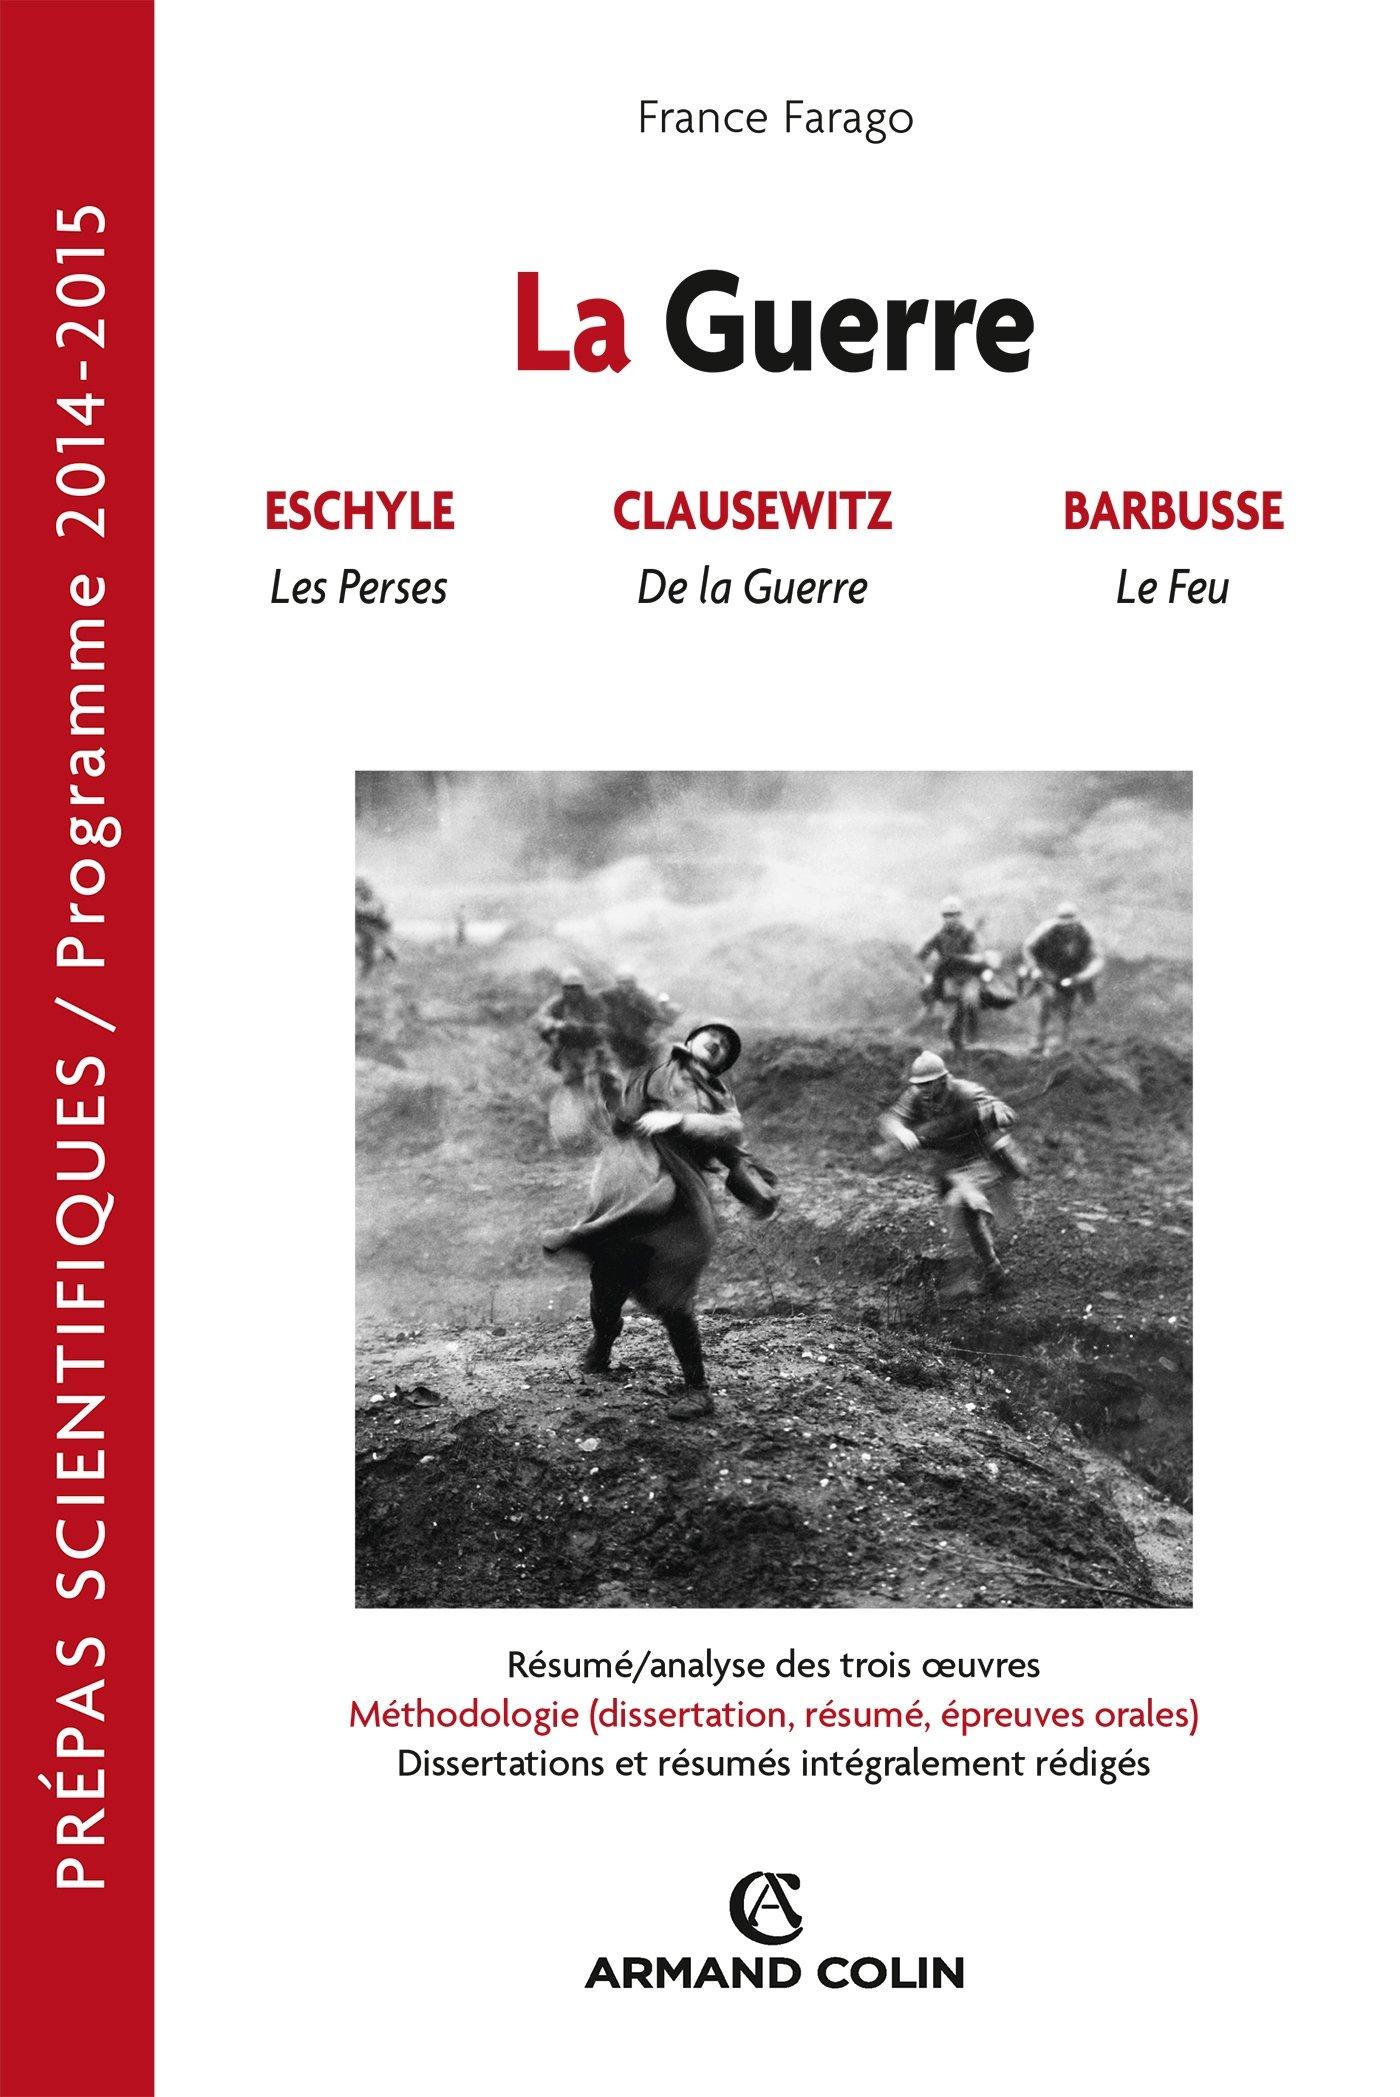 dissertation francais cpge la guerre